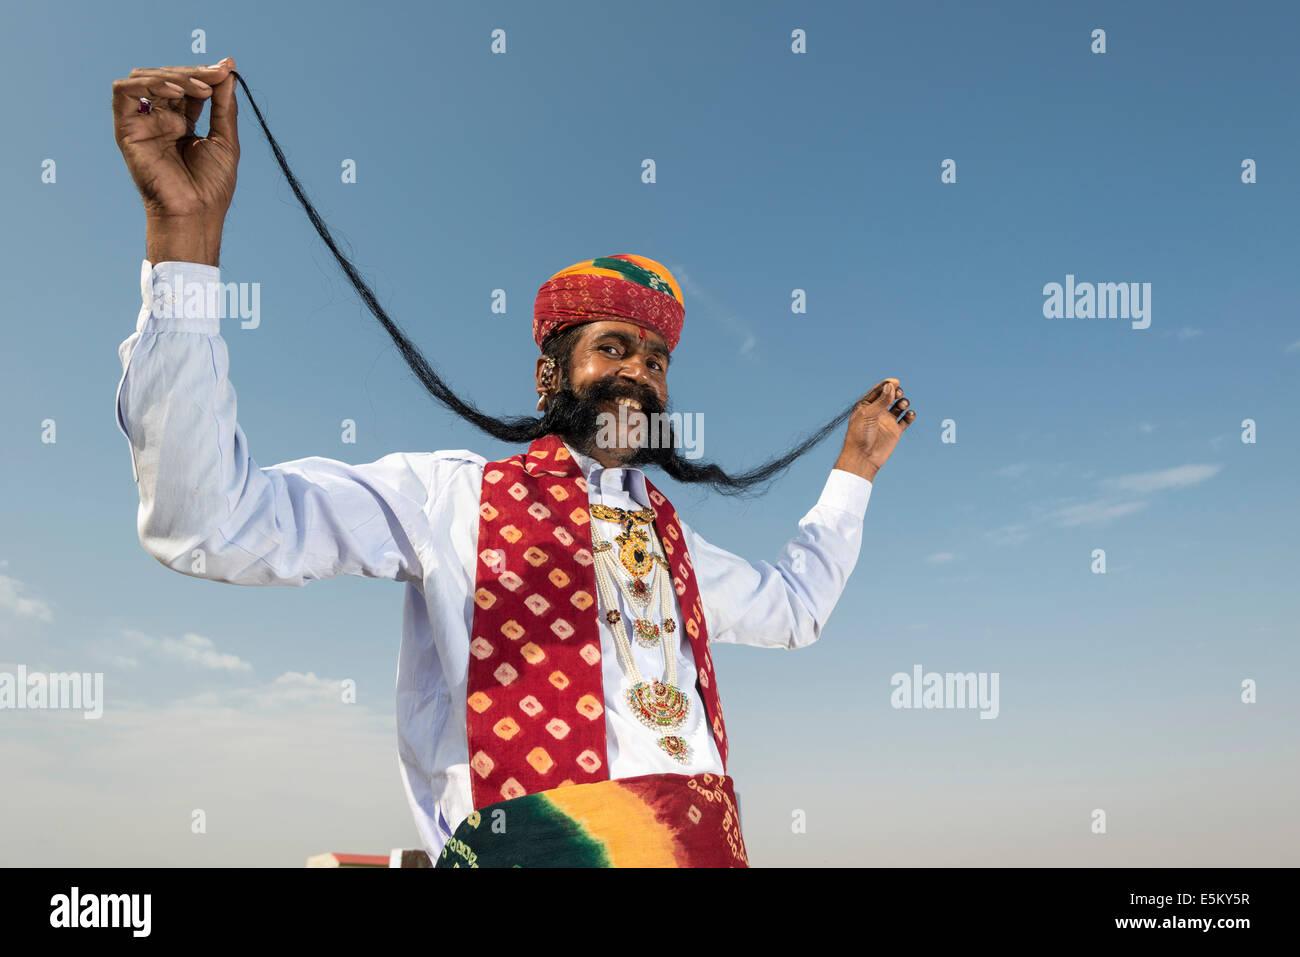 L'homme Local présentant ses longues moustaches, peuple Rajput, Bikaner, Rajasthan, India Photo Stock